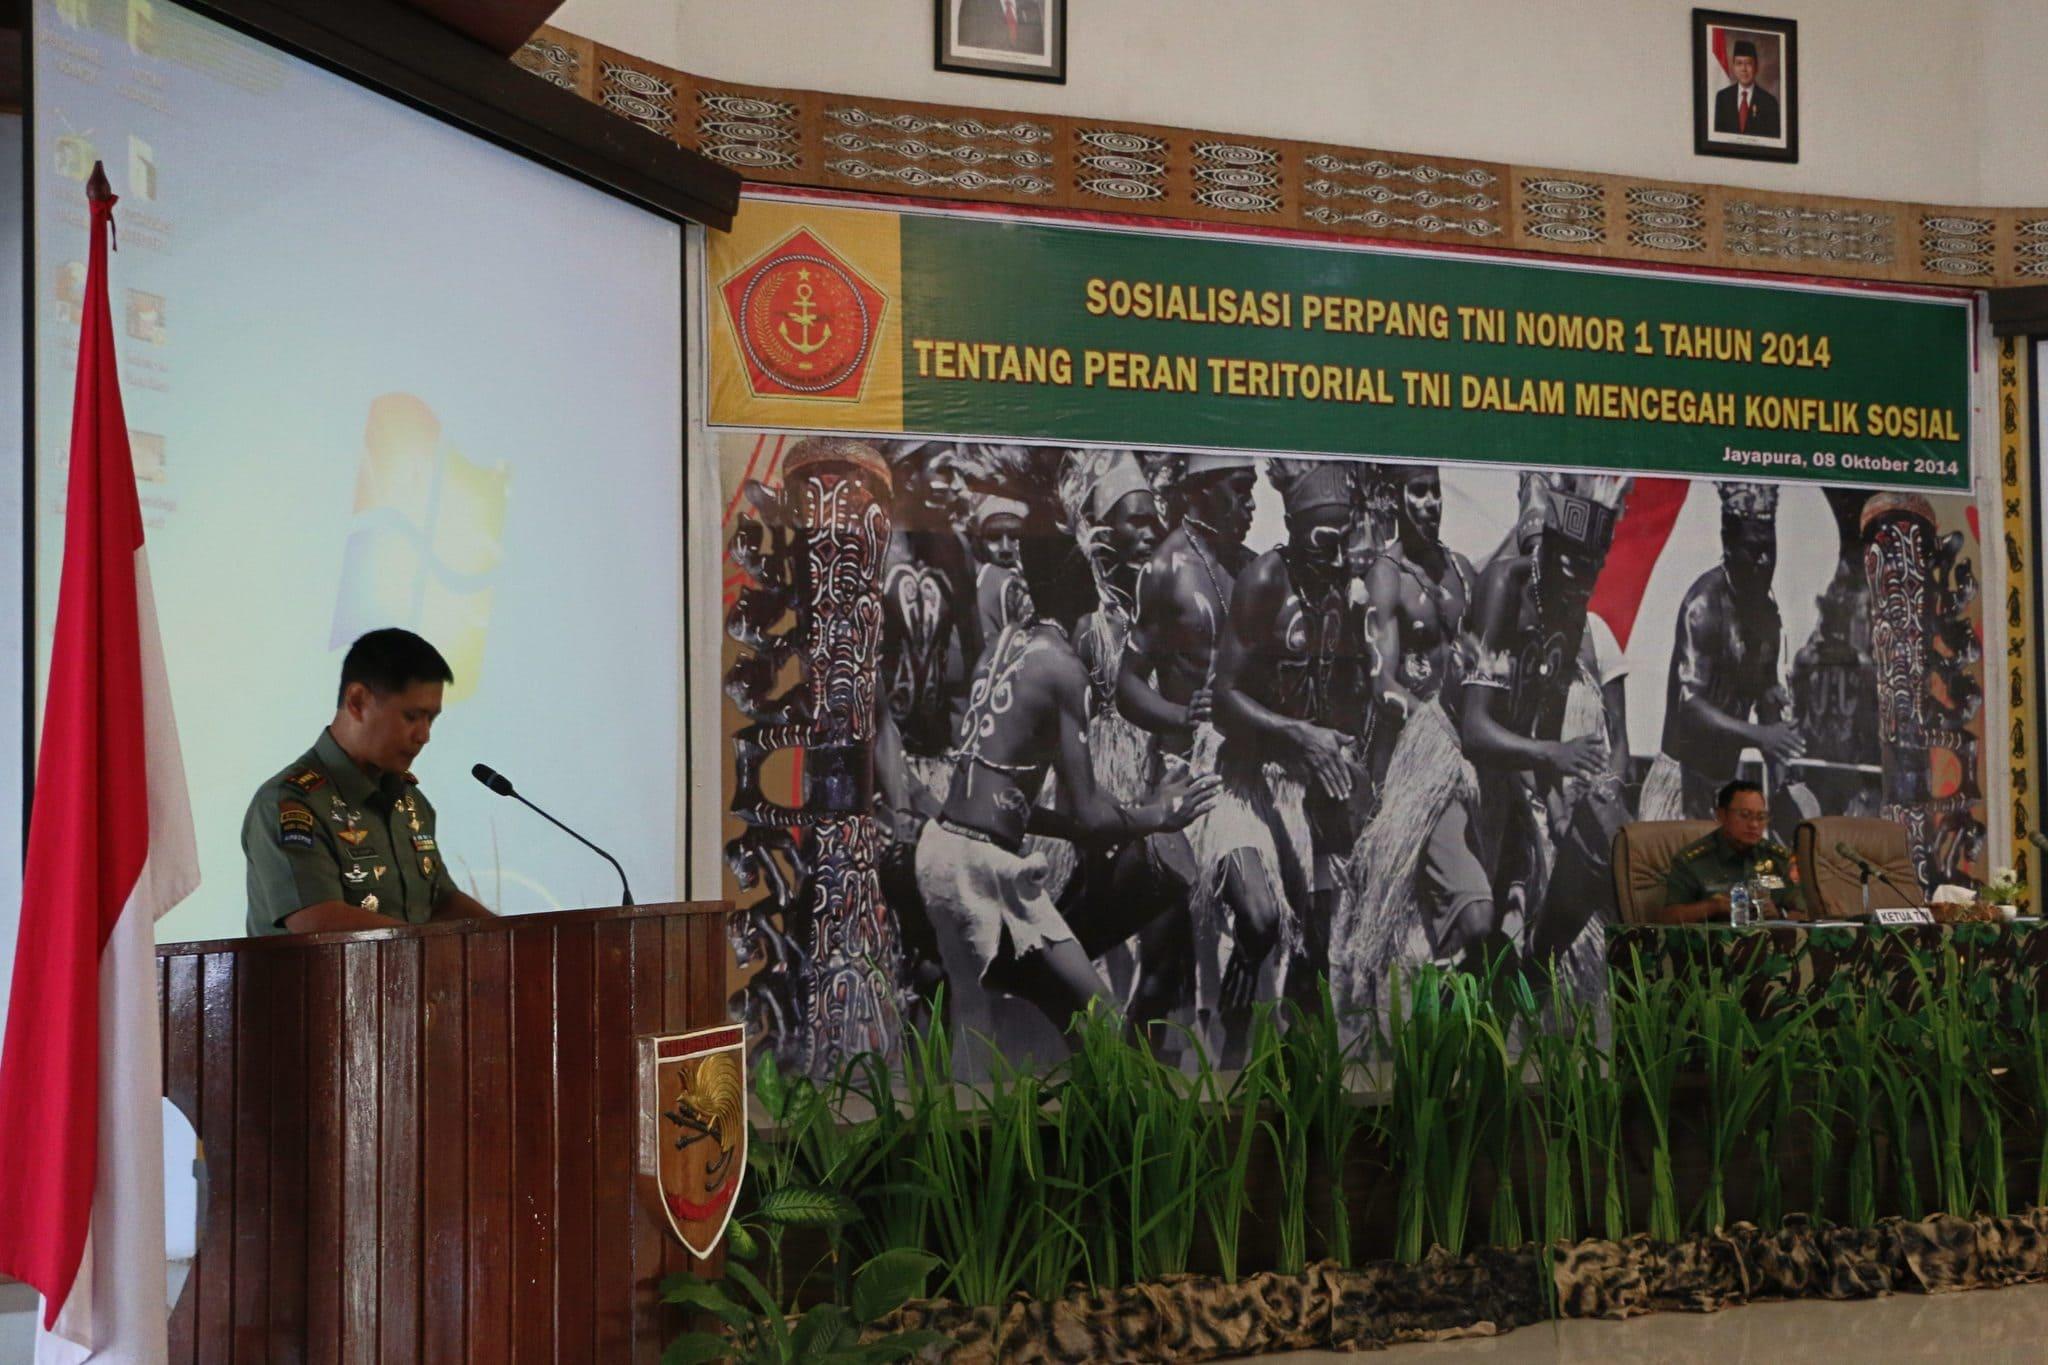 Sosialisasi Peraturan Panglima (Perpang) TNI Nomor 1 Tahun 2014 Tentang Peran Teritorial TNI Dalam Mencegah Konflik Sosial